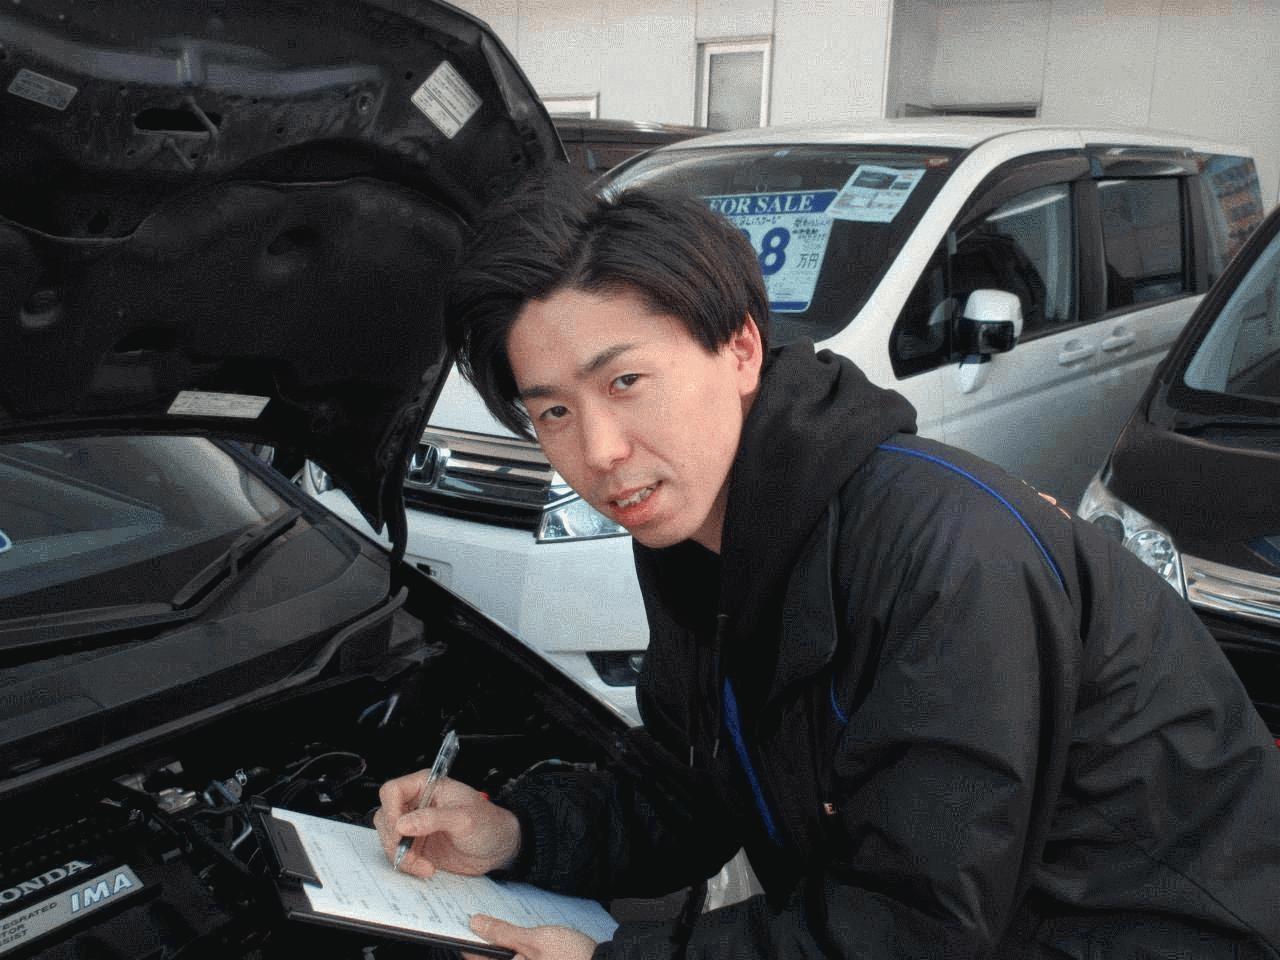 営業担当の小嶋です。 お車選びのことならお任せください。 お客様にピッタリのお車をご提案させて頂きます。 カーライフを楽しんでいただけるように精一杯サポートさせて頂きます。